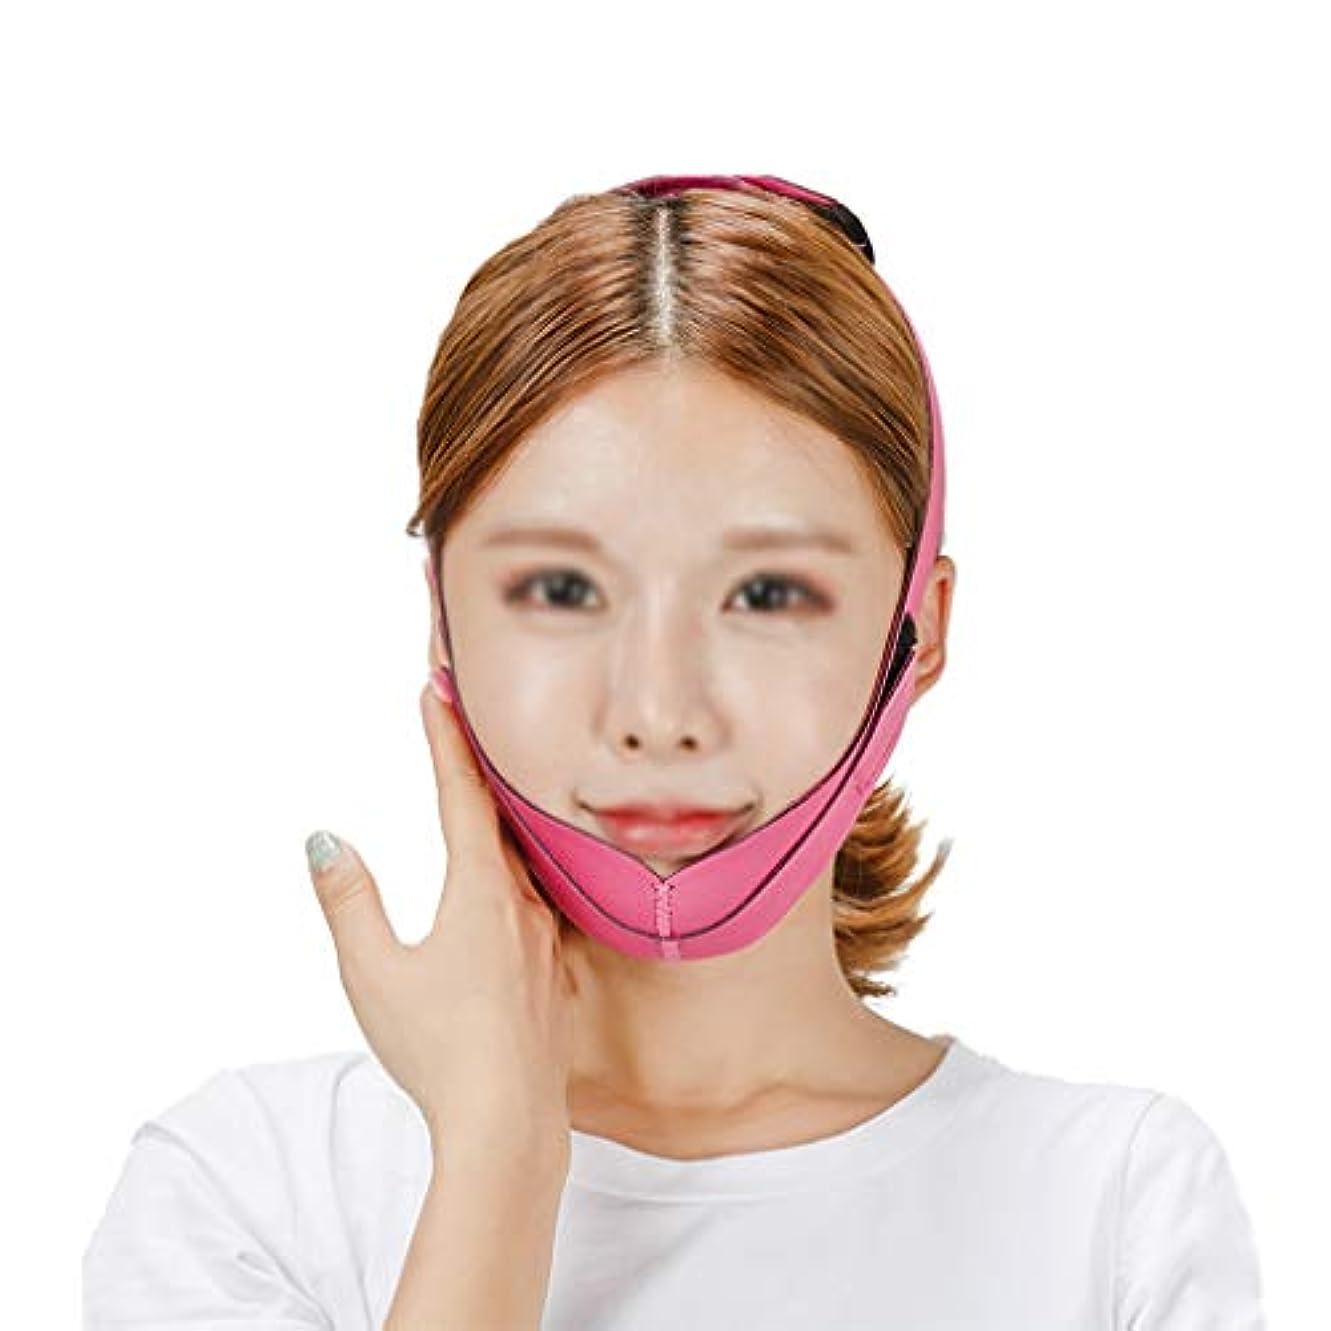 娯楽テスピアンモットーXHLMRMJ 超薄Vフェイスライン、フェイスリフティングマスク、Vフェイスリフティングとリフティングファーミングパターン、シェイピングフェイス、改善ダブルチン、ピンク、女性に適しています